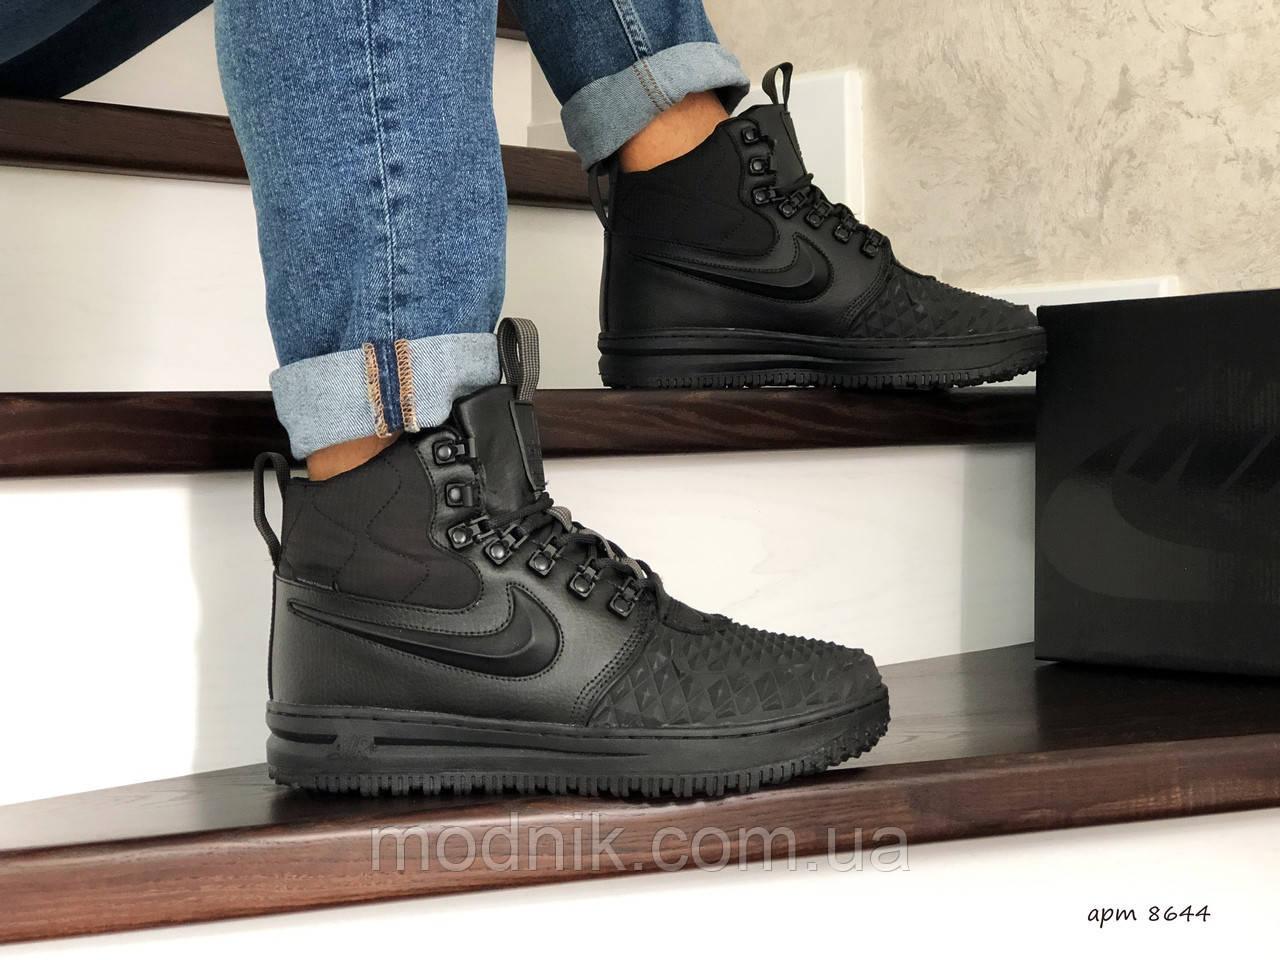 Мужские кроссовки Nike Lunar Force 1 Duckboot (черные)